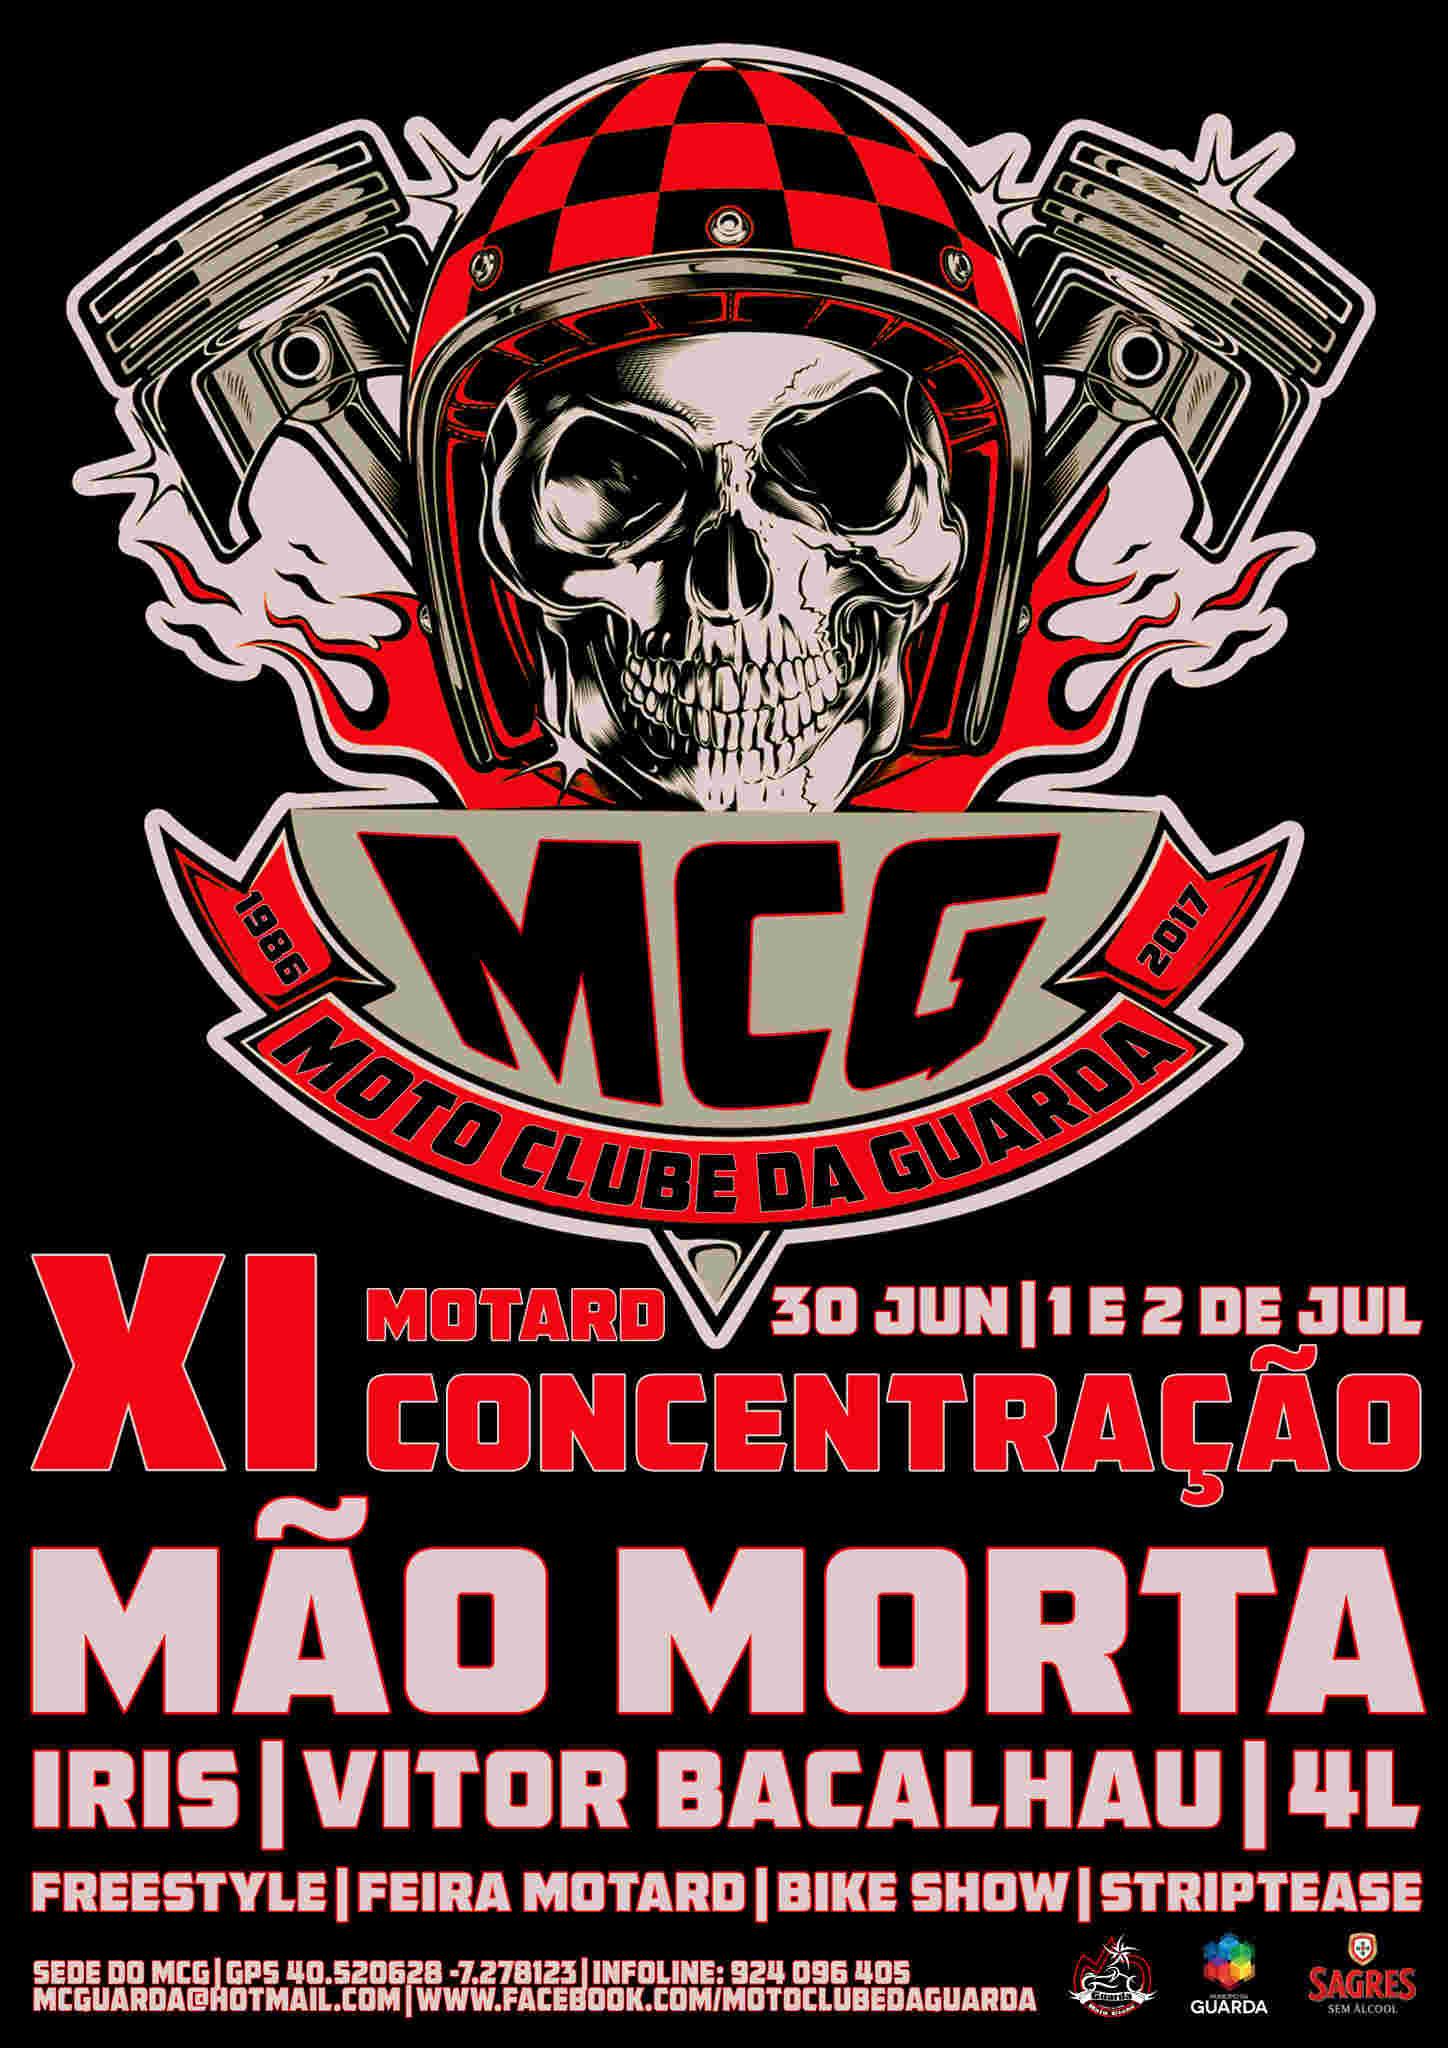 XI Concentração Motard Moto Clube da Guarda Cartaz10